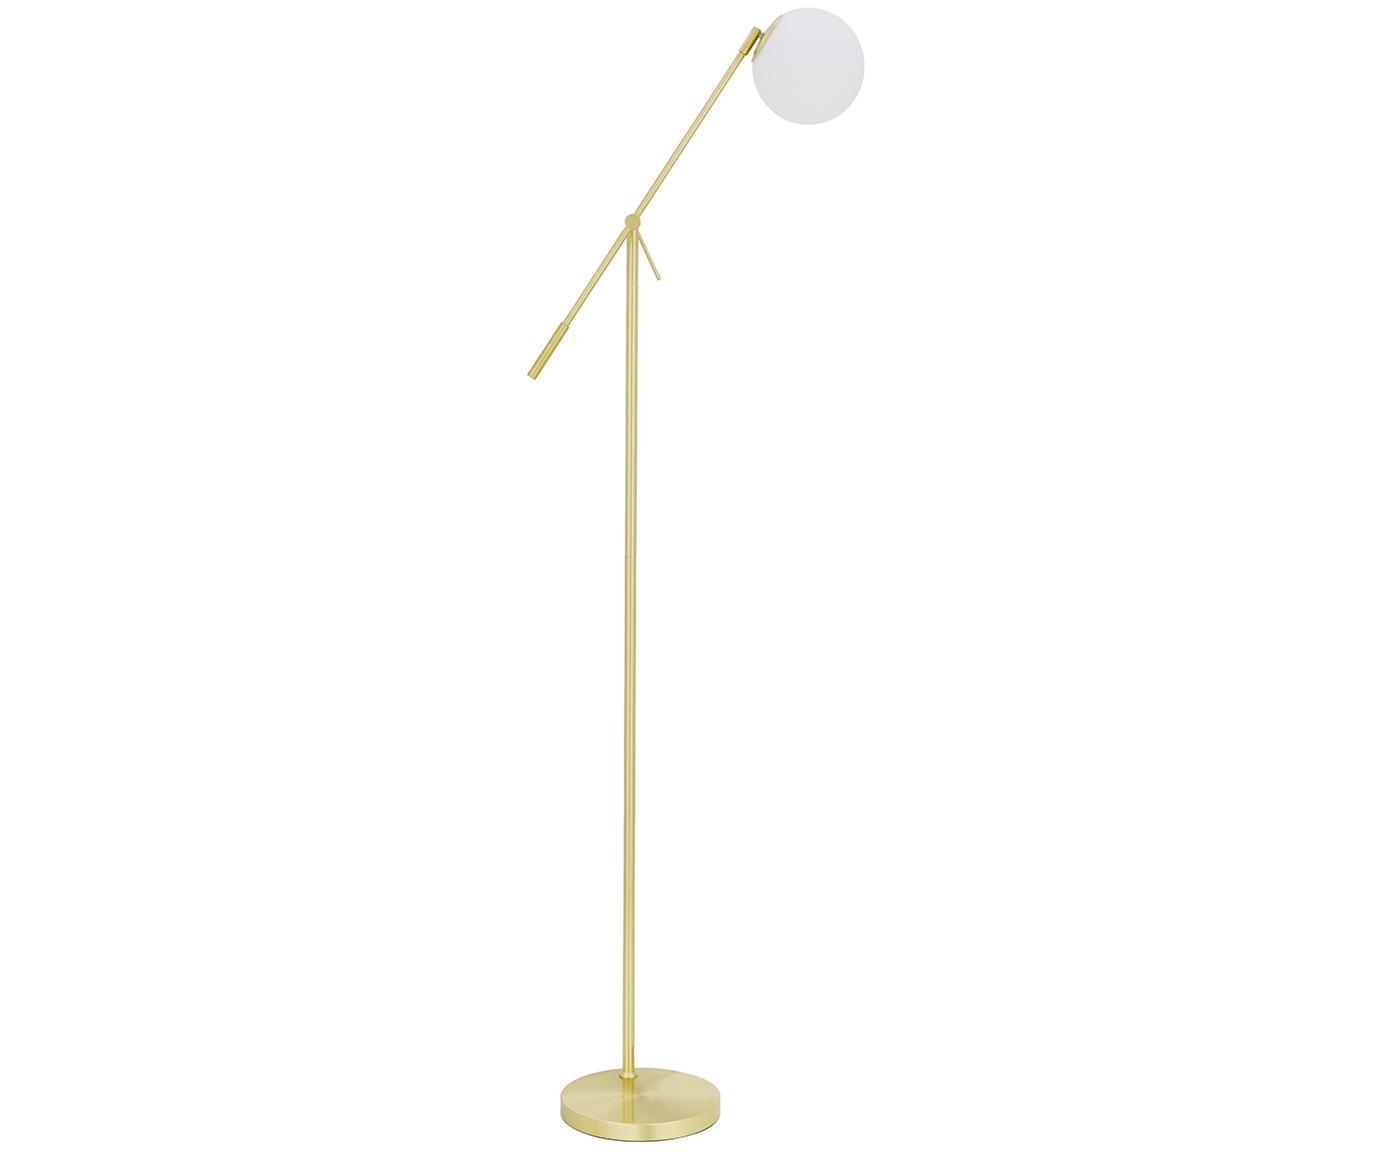 Lámpara de pie Moon, Pantalla: vidrio, Cable: plástico, Latón cepillado, blanco, Ø 17 x Al 162 cm